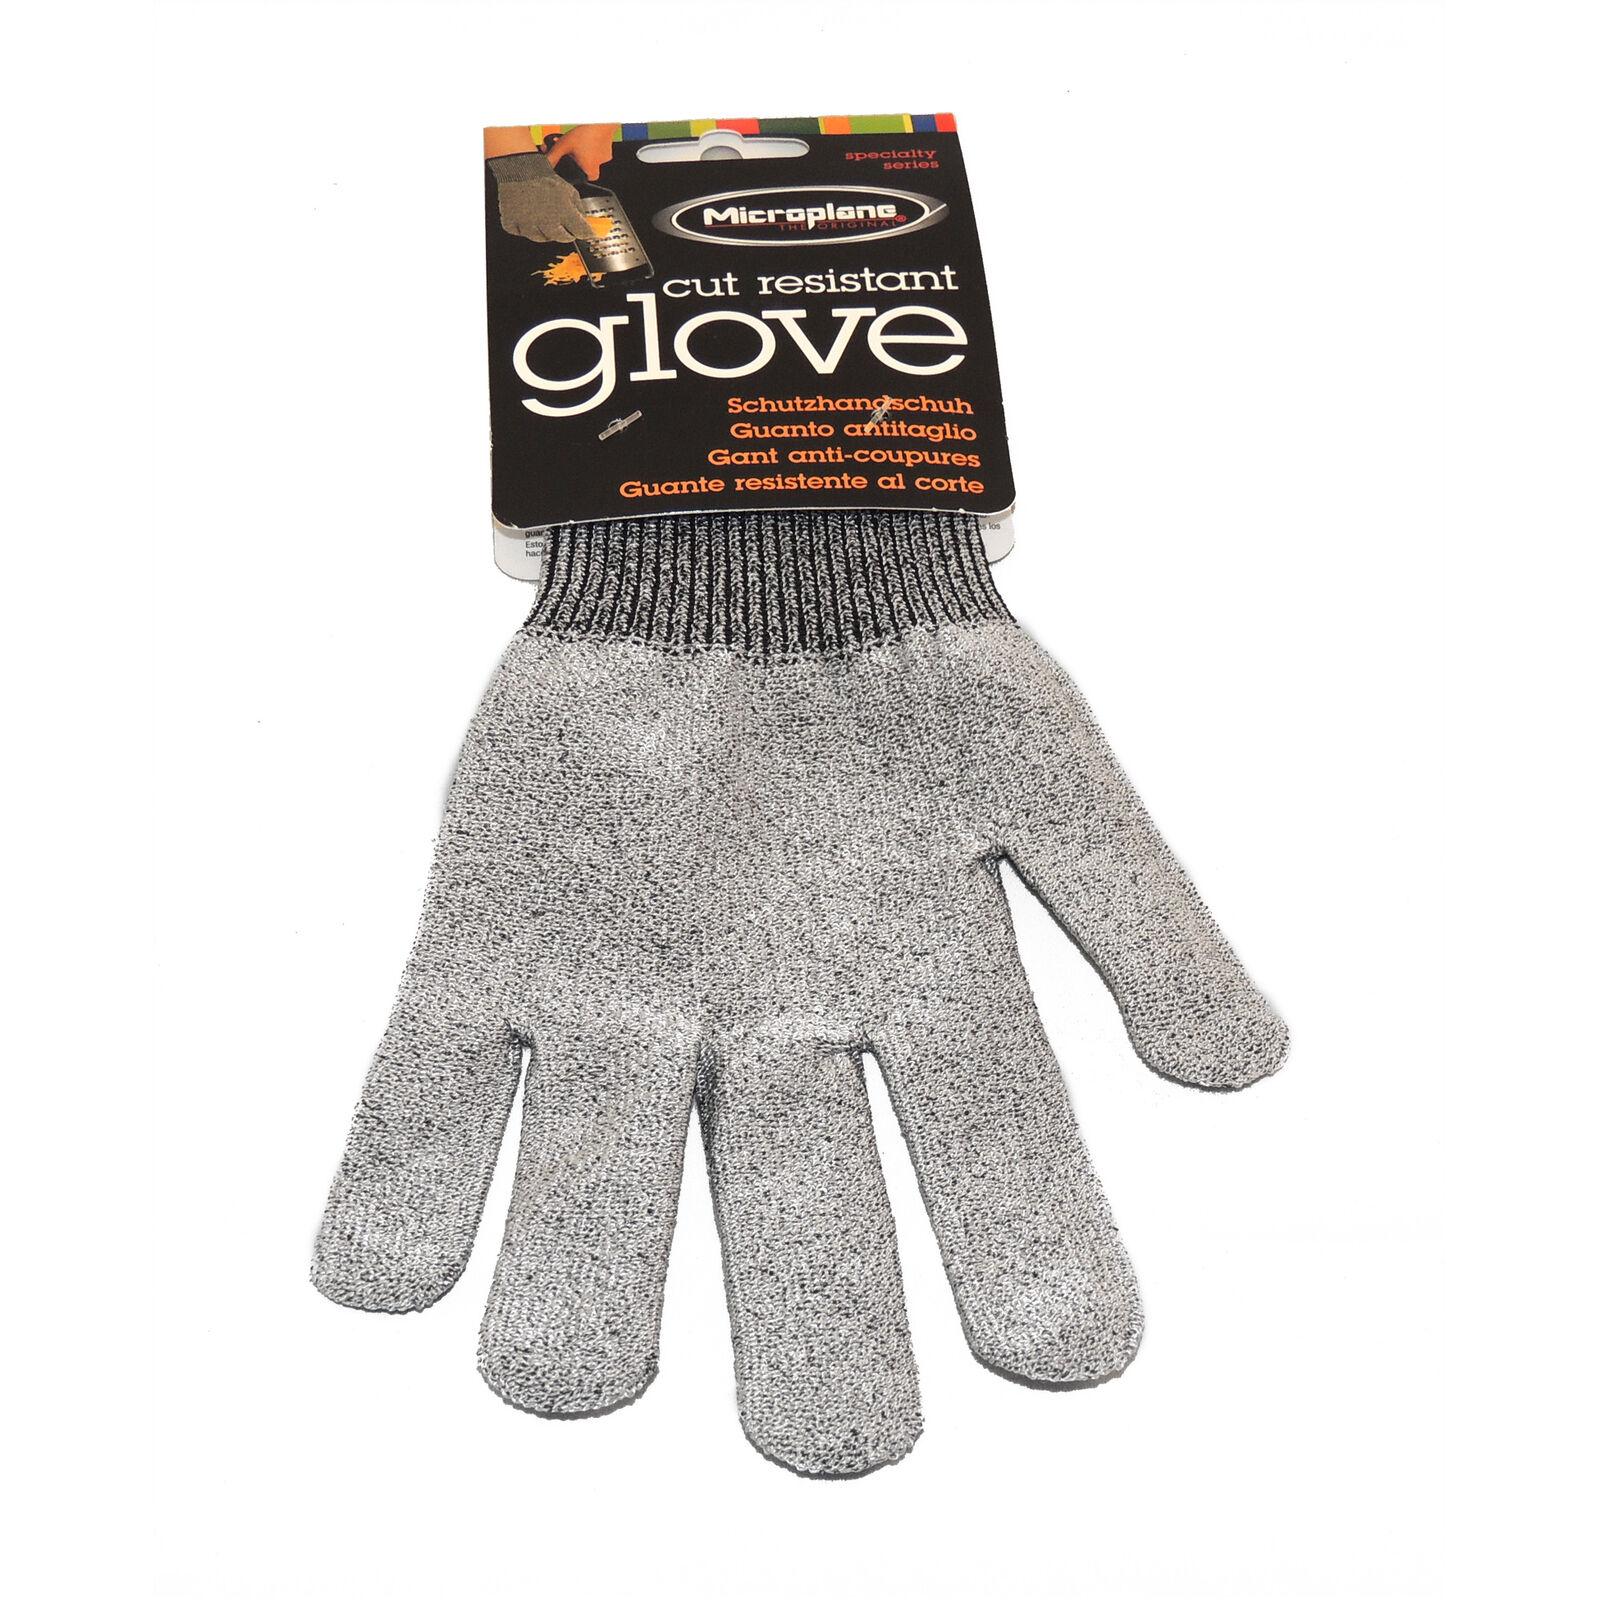 Microplane skæreresistent handske, grå